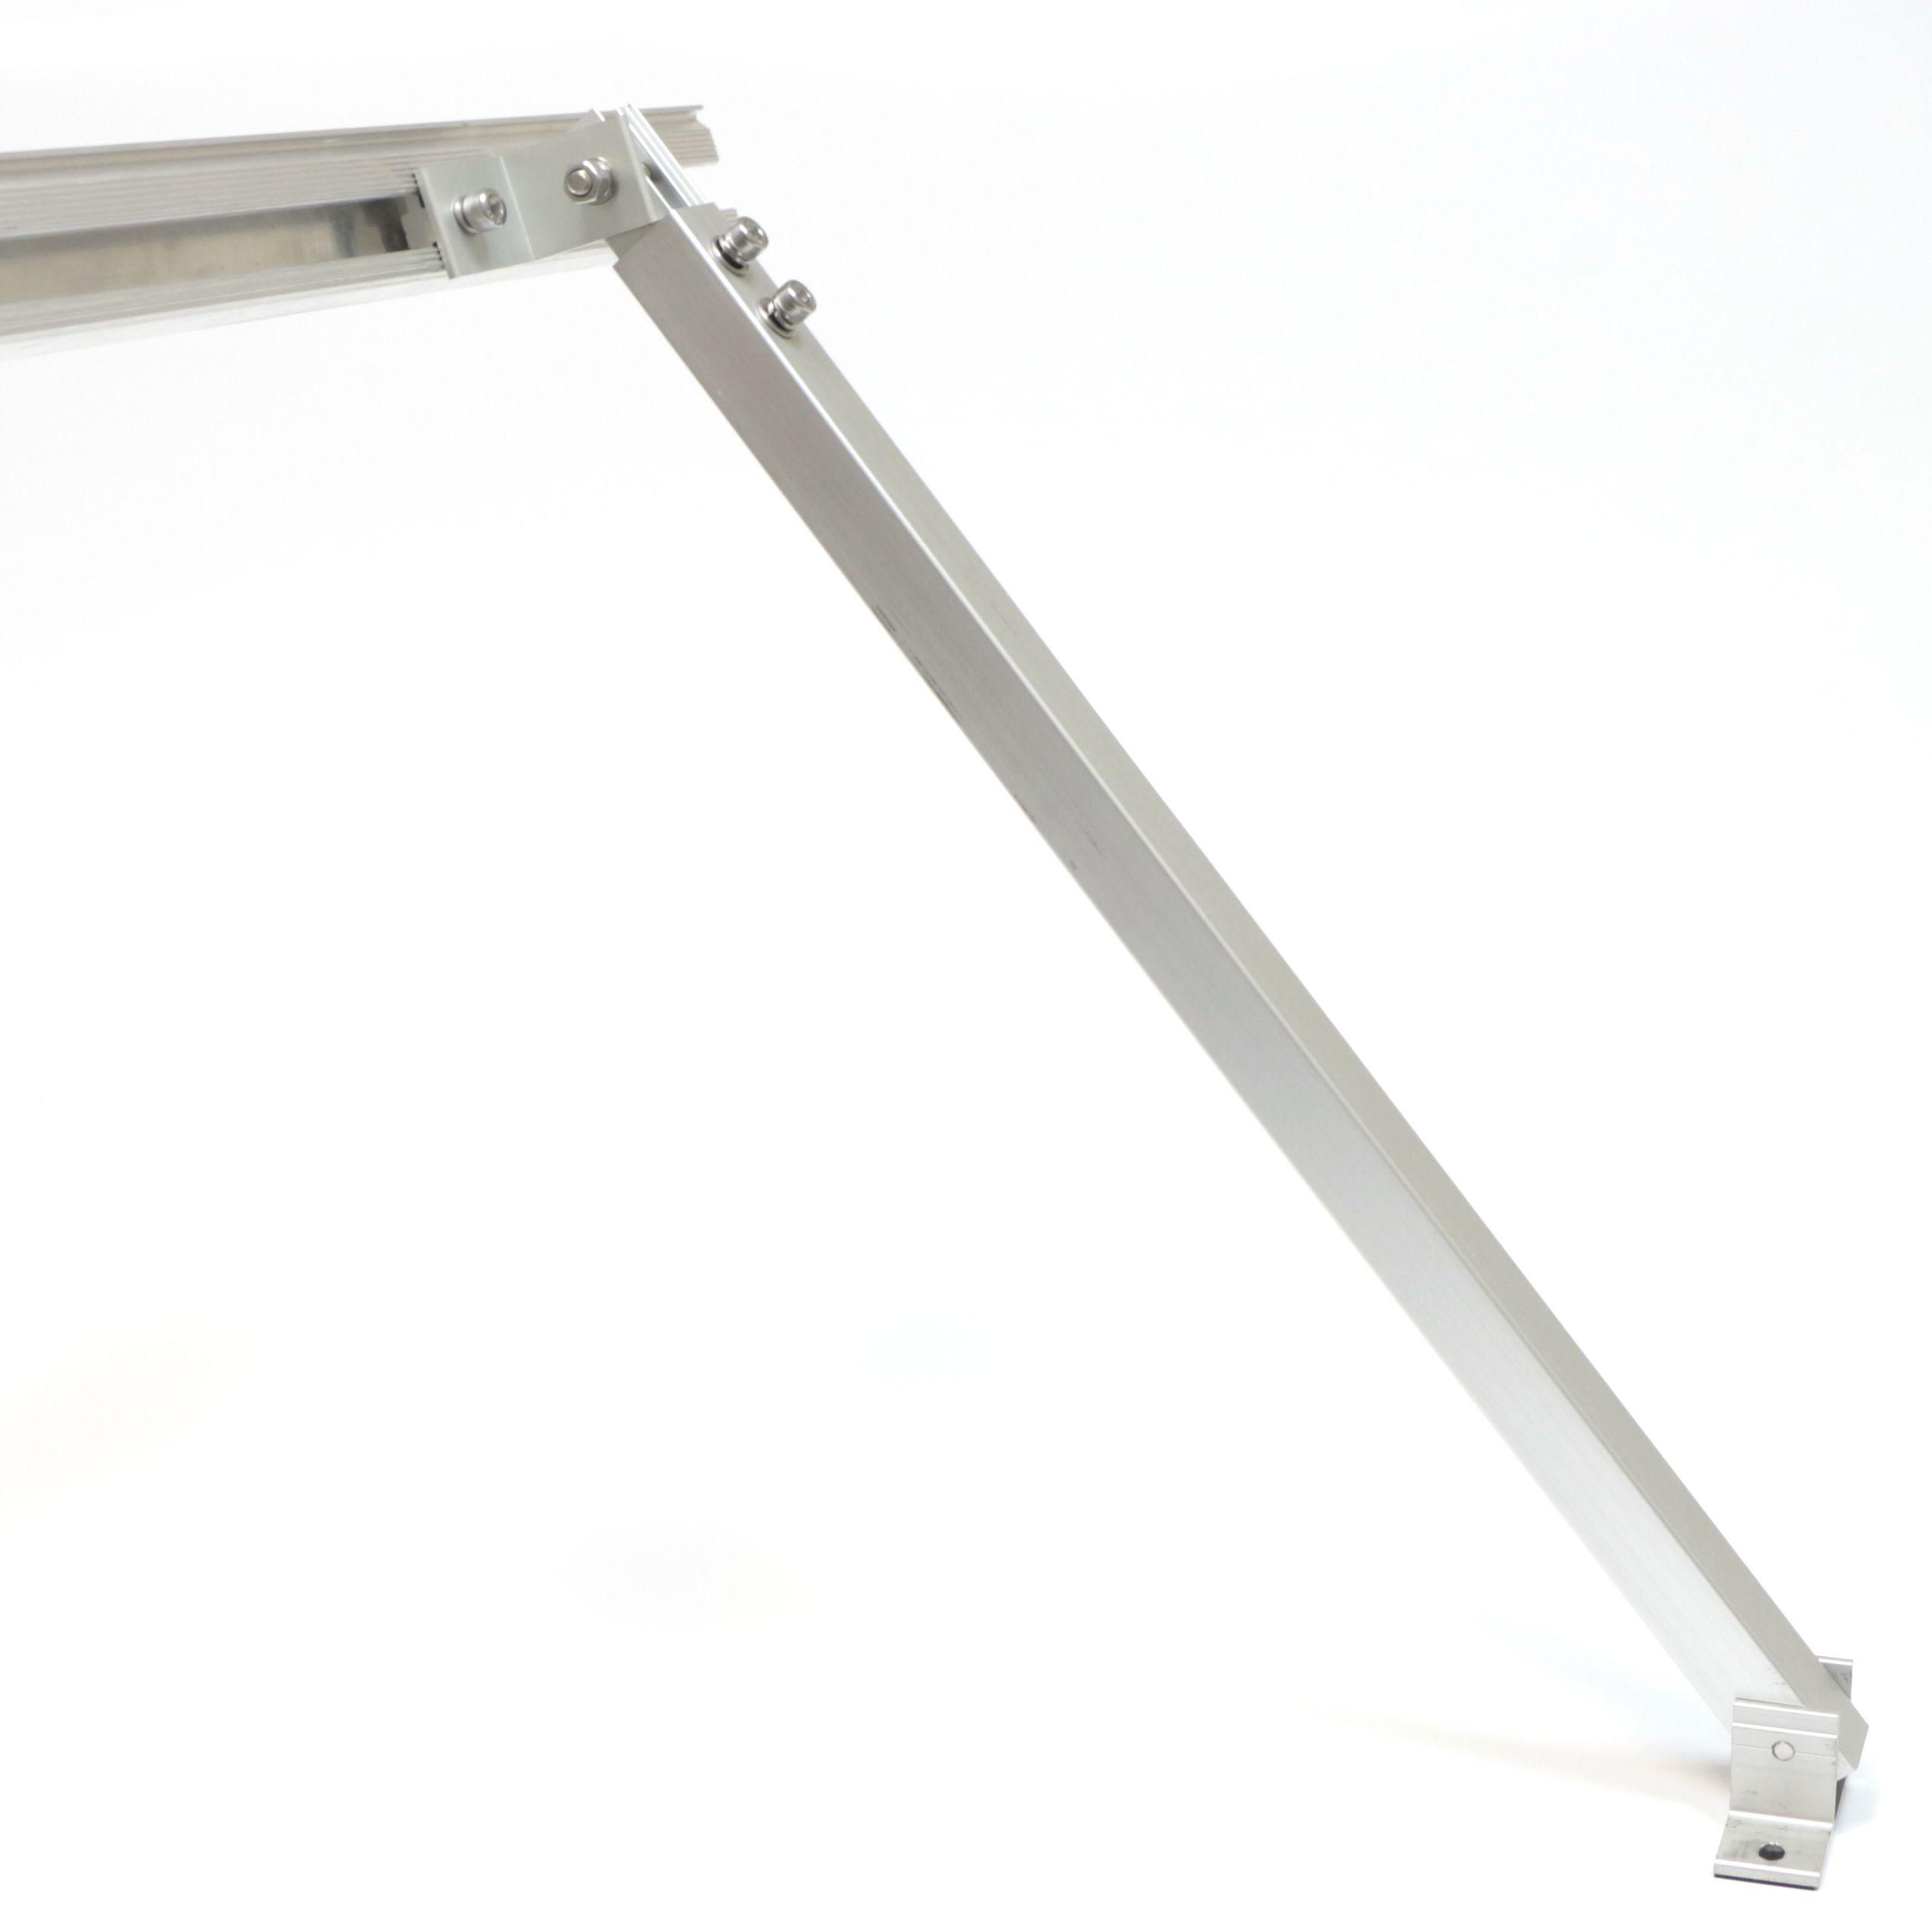 Комплект крепления солнечных батарей с переменным углом наклона 30-60 (передняя и задняя нога)